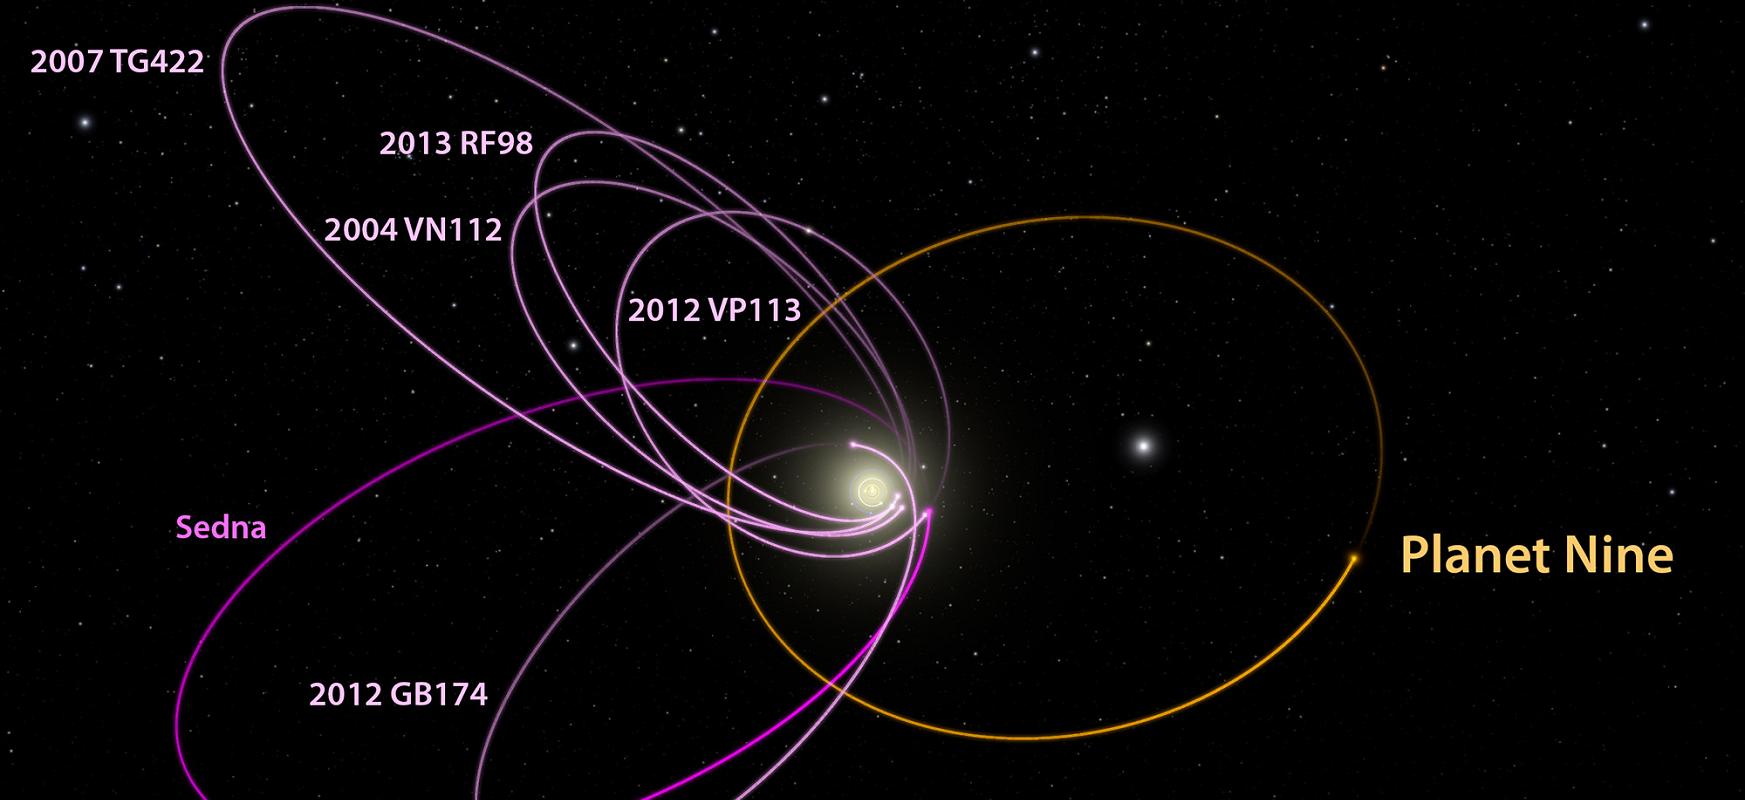 Zunda txikien kuadrilla batek Planeten ala ez galderari erantzungo zion 9 zentimetro luze batzuk dituen zulo beltza da